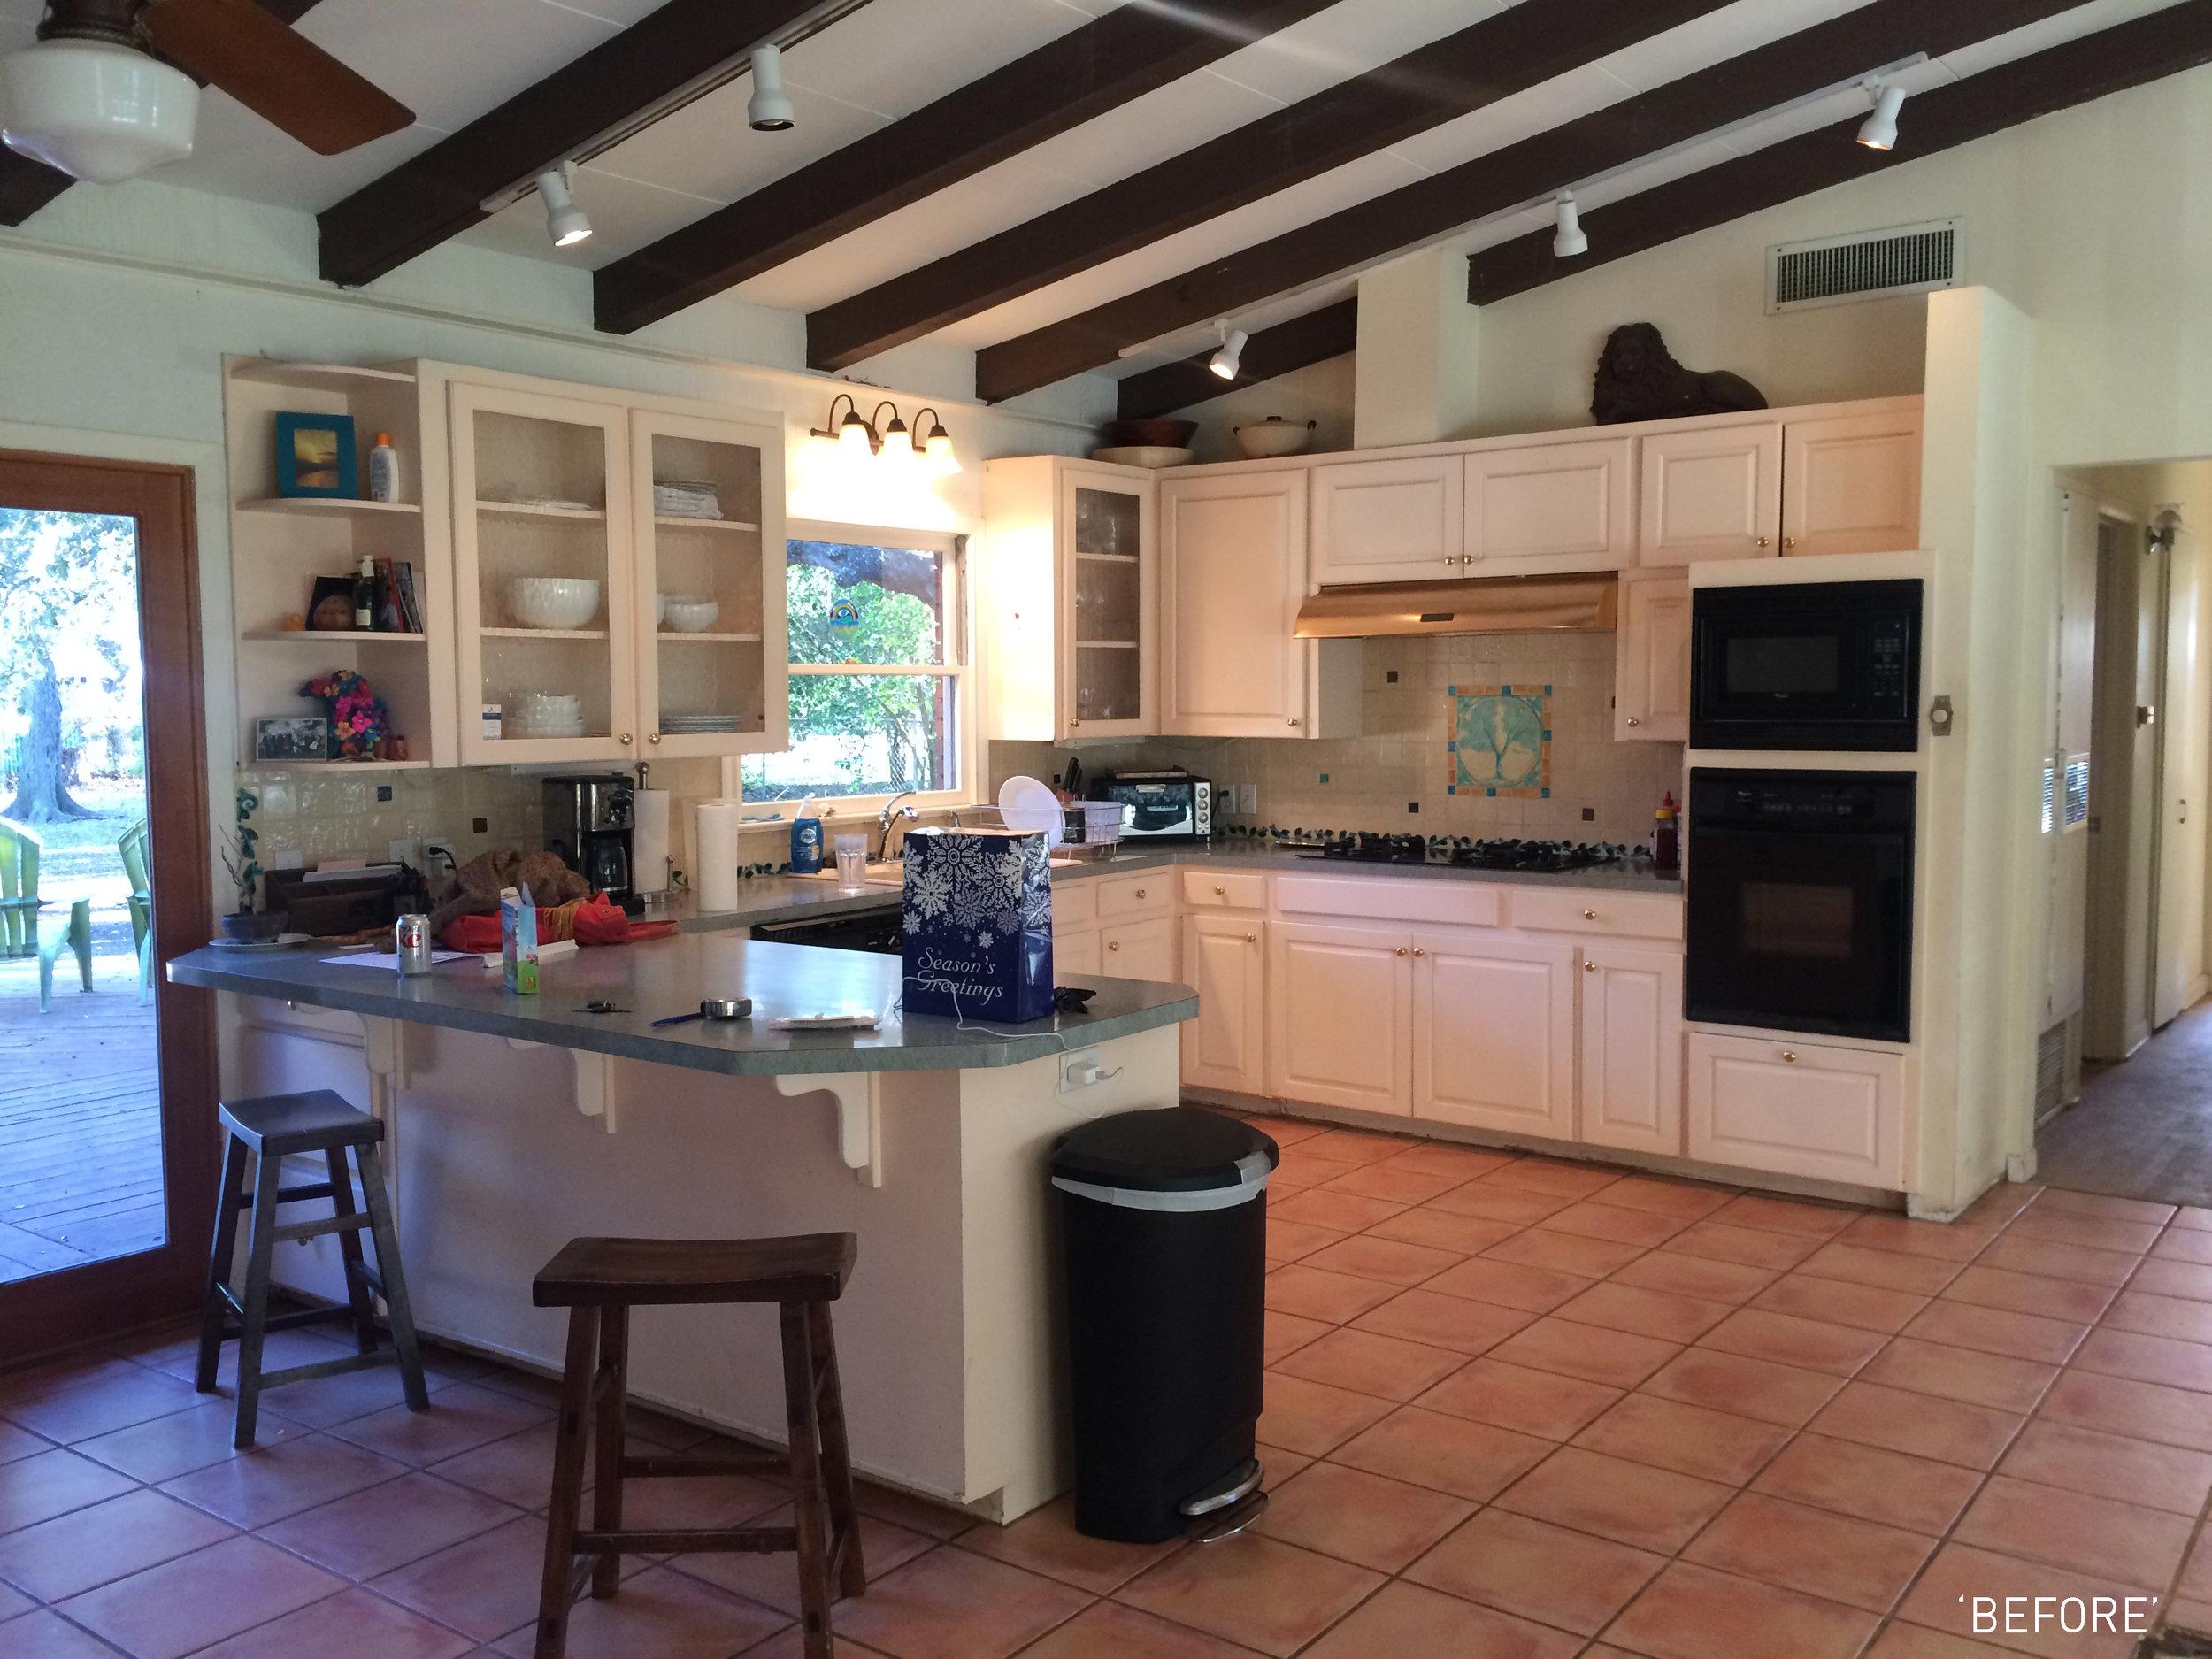 Before_Kitchen.jpg